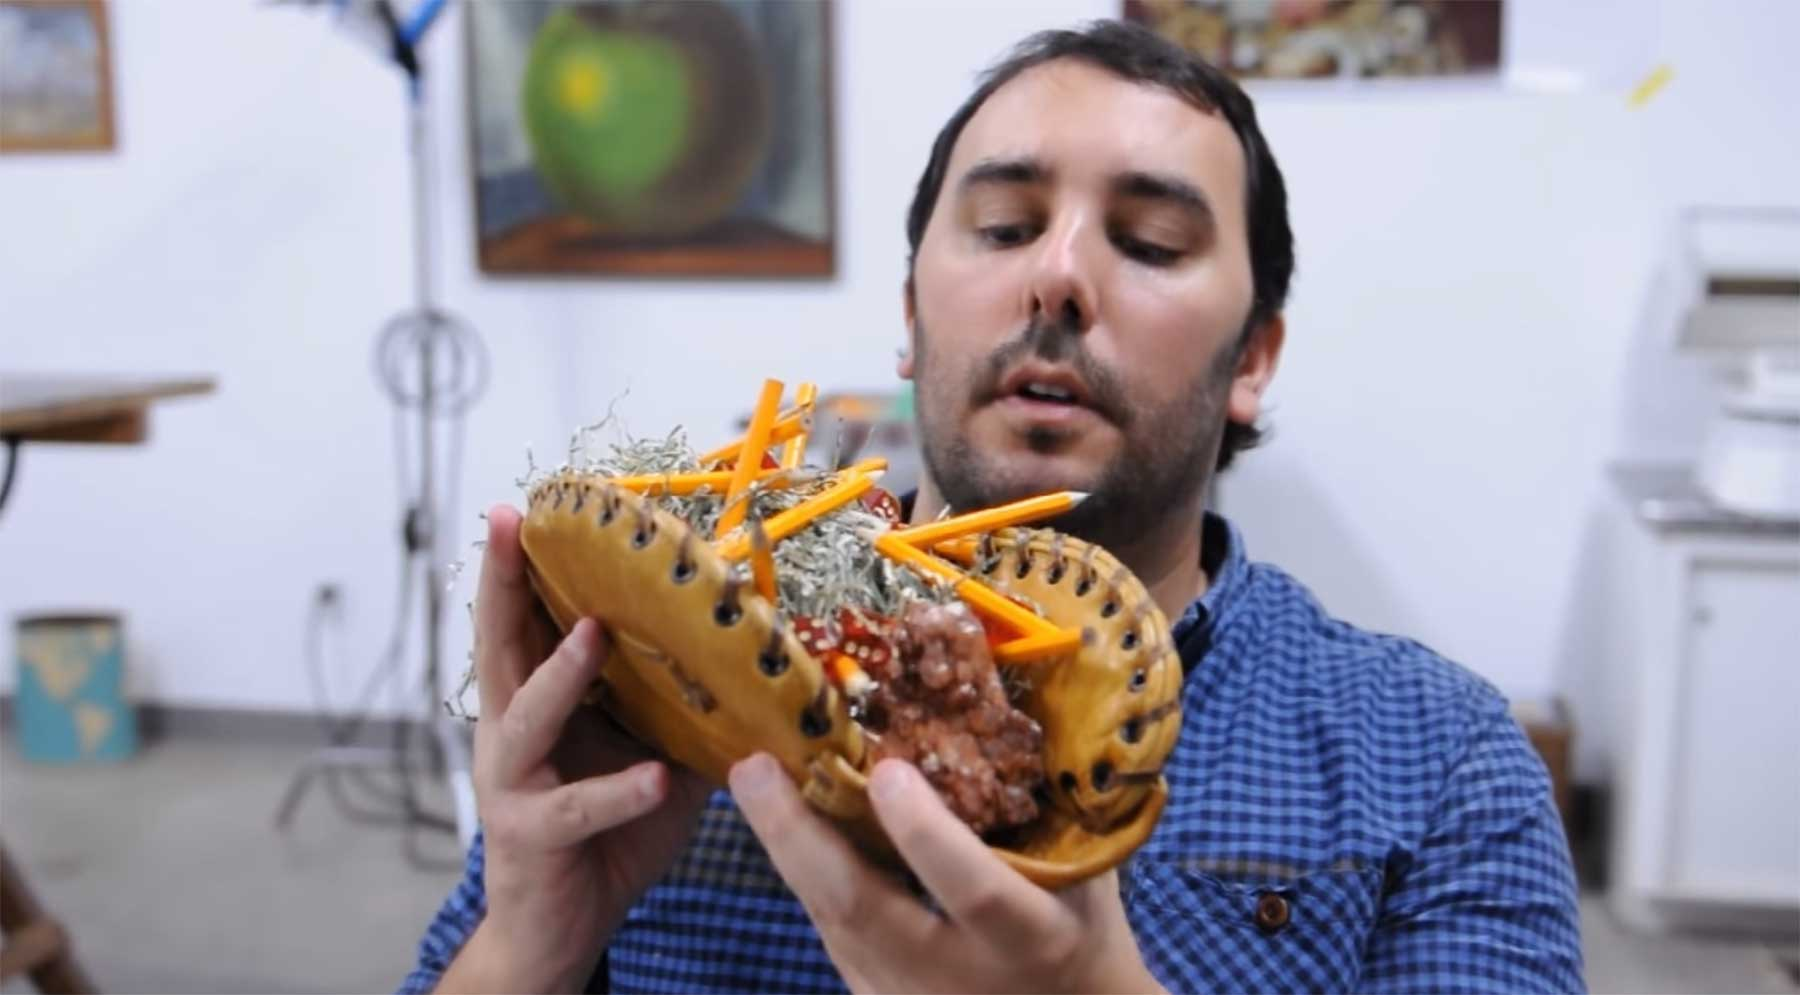 PES macht einen Taco aus Flohmarkt-Funden